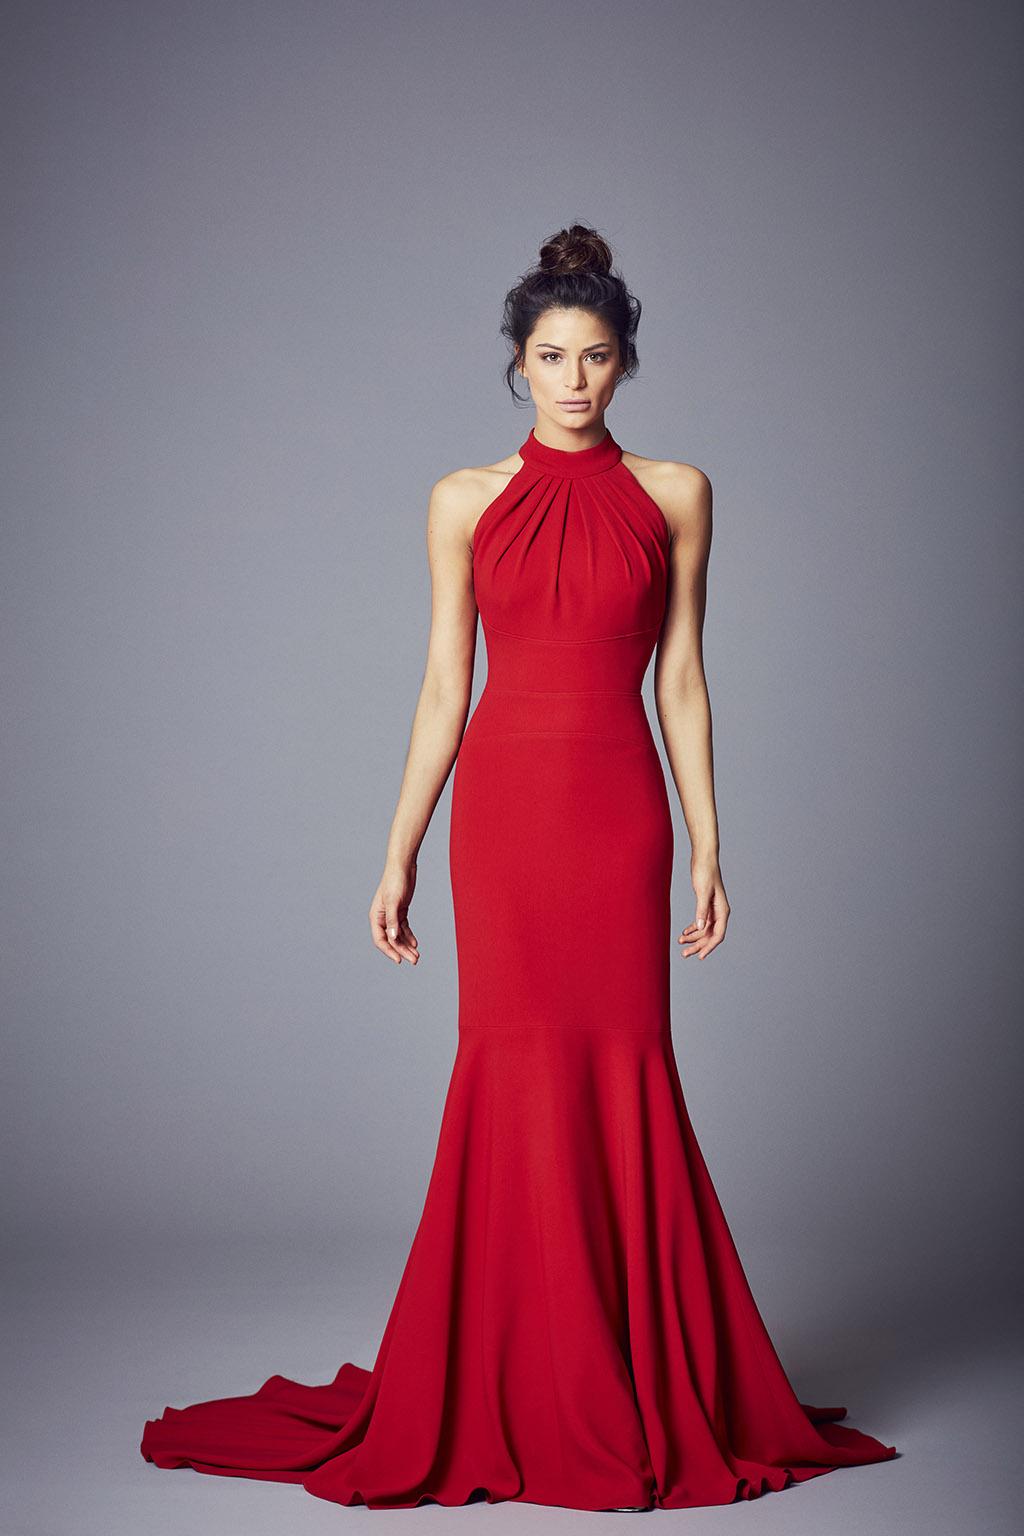 e5617d0f57 Designer Evening Wear - Gown Designs - Suzanne Neville